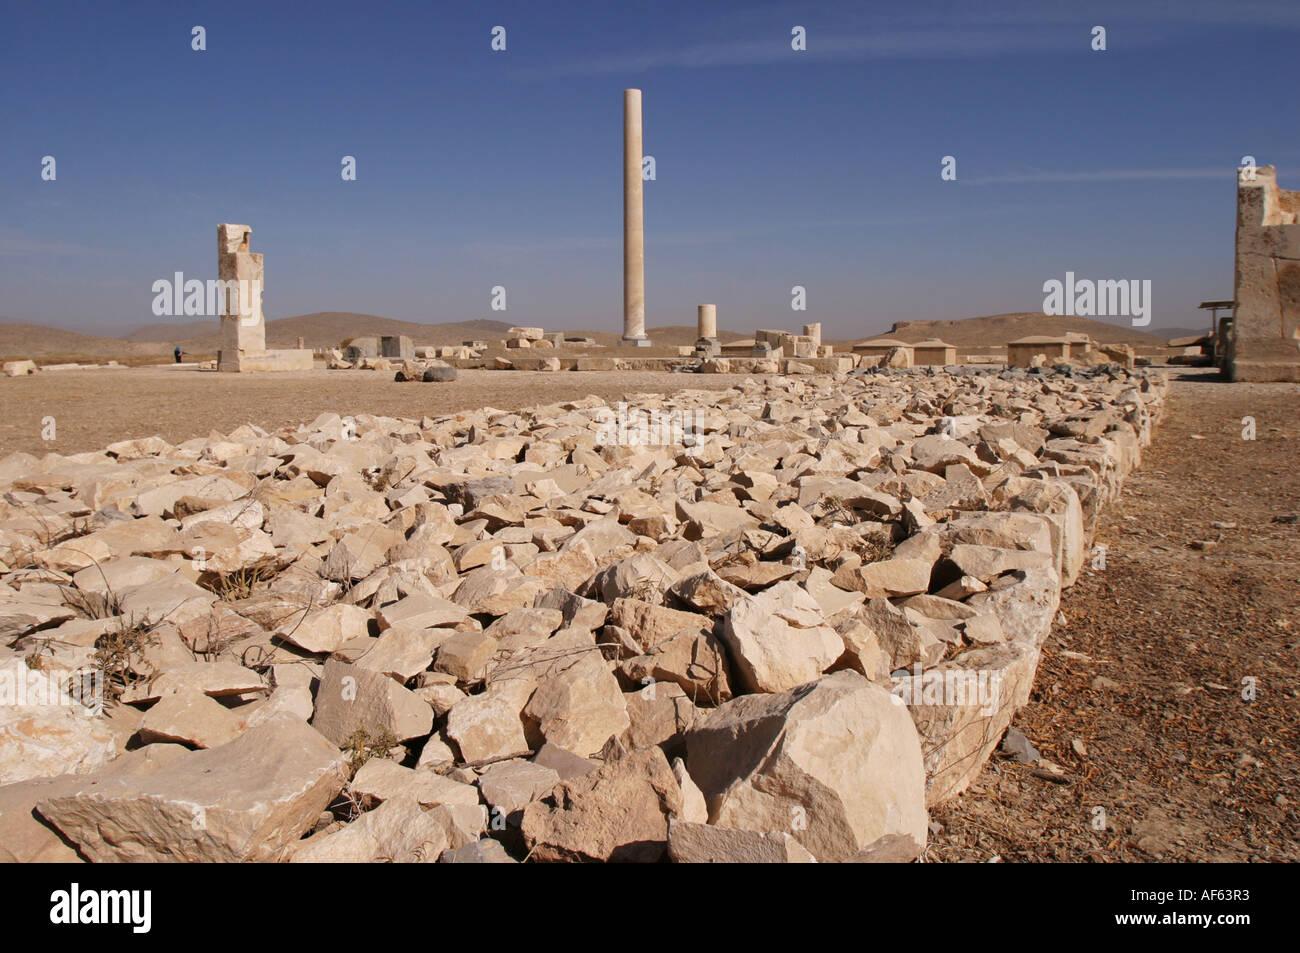 Le rovine di un palazzo achemenide in Pasagardae, nei pressi di Persepolis, Iran, novembre 2004. Immagini Stock